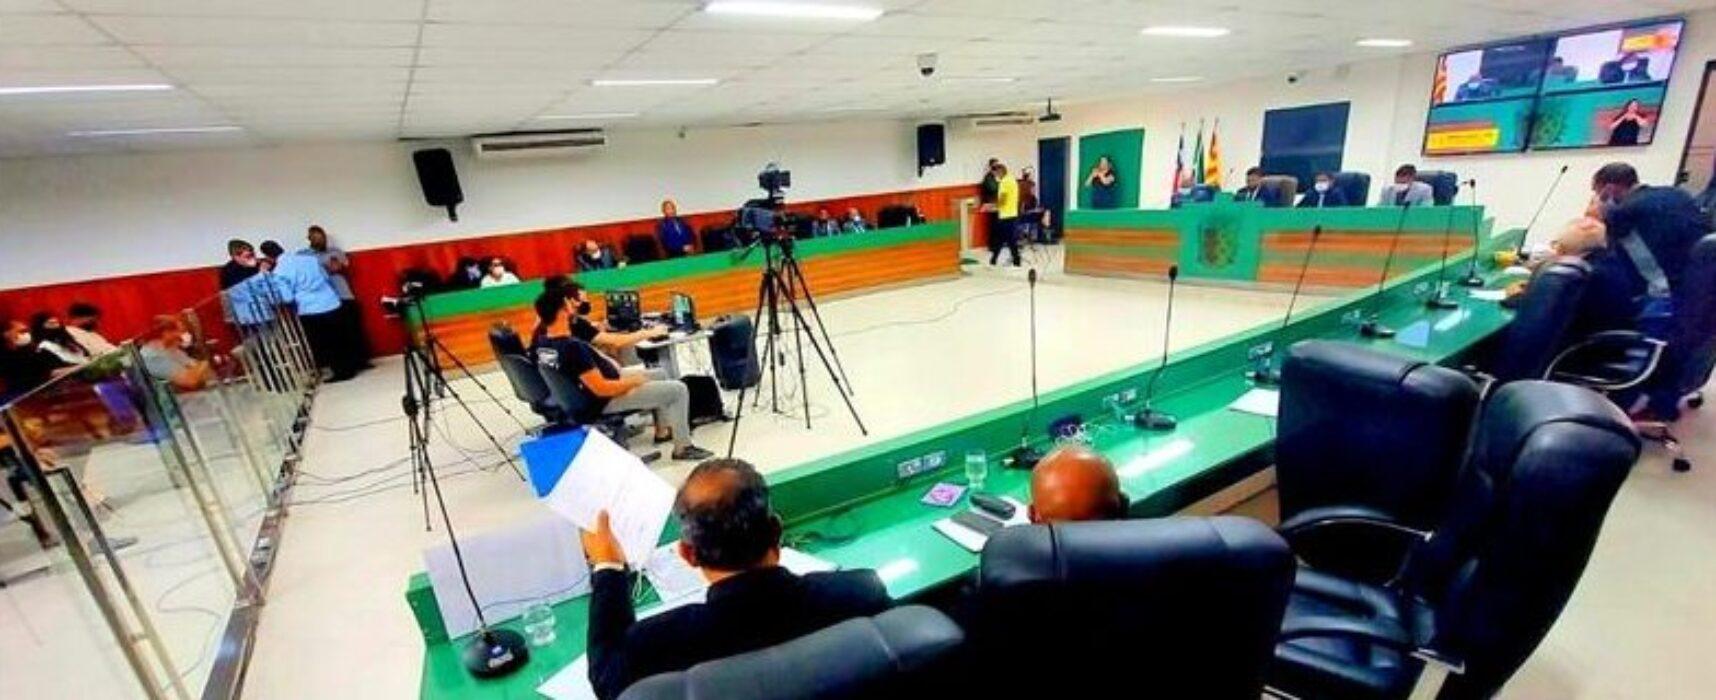 CÂMARA DE ILHÉUS: PAUTA DA 63ª SESSÃO ORDINÁRIA, TERÇA-FEIRA – 26/10/2021